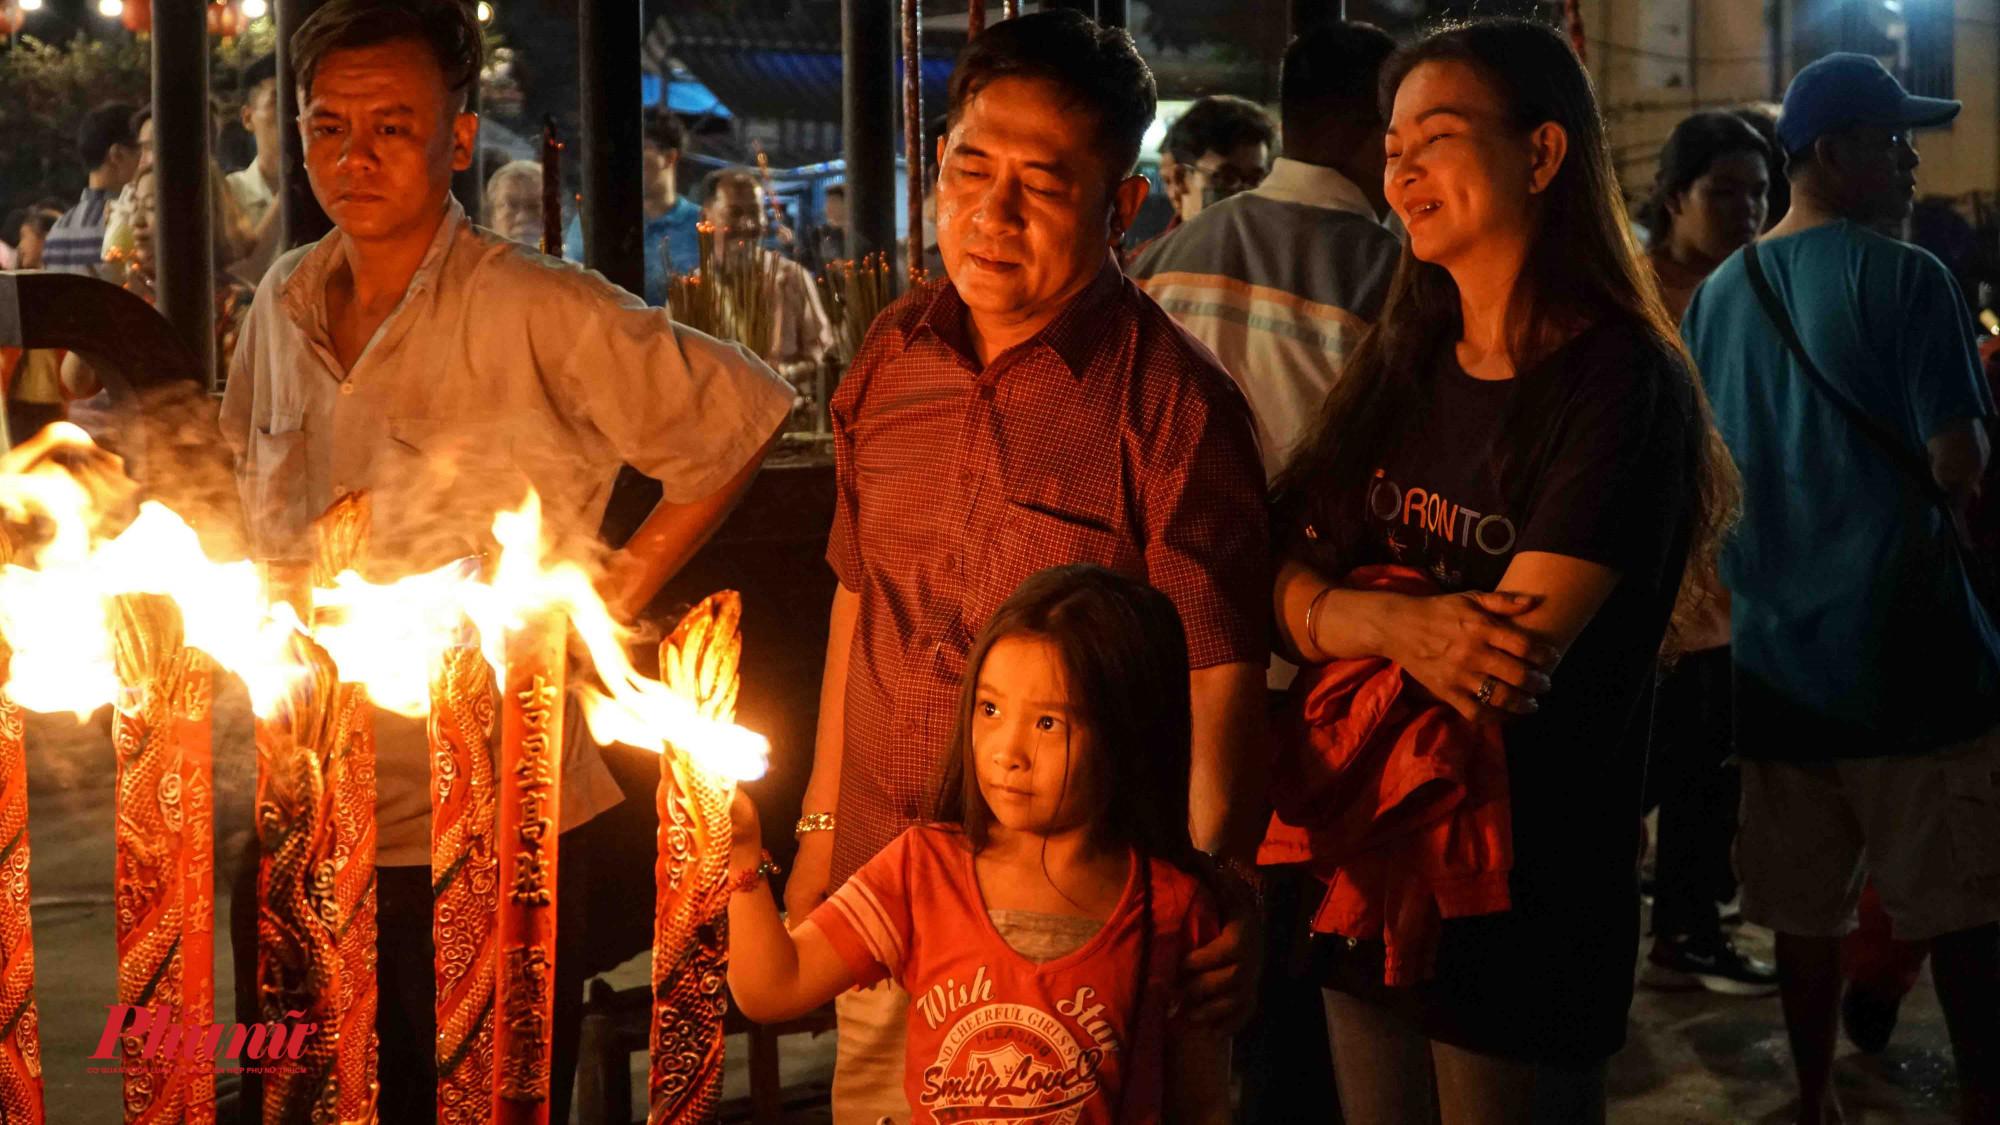 Gia đình nhỏ hướng dẫn con gái đốt nhang dịp đầu năm